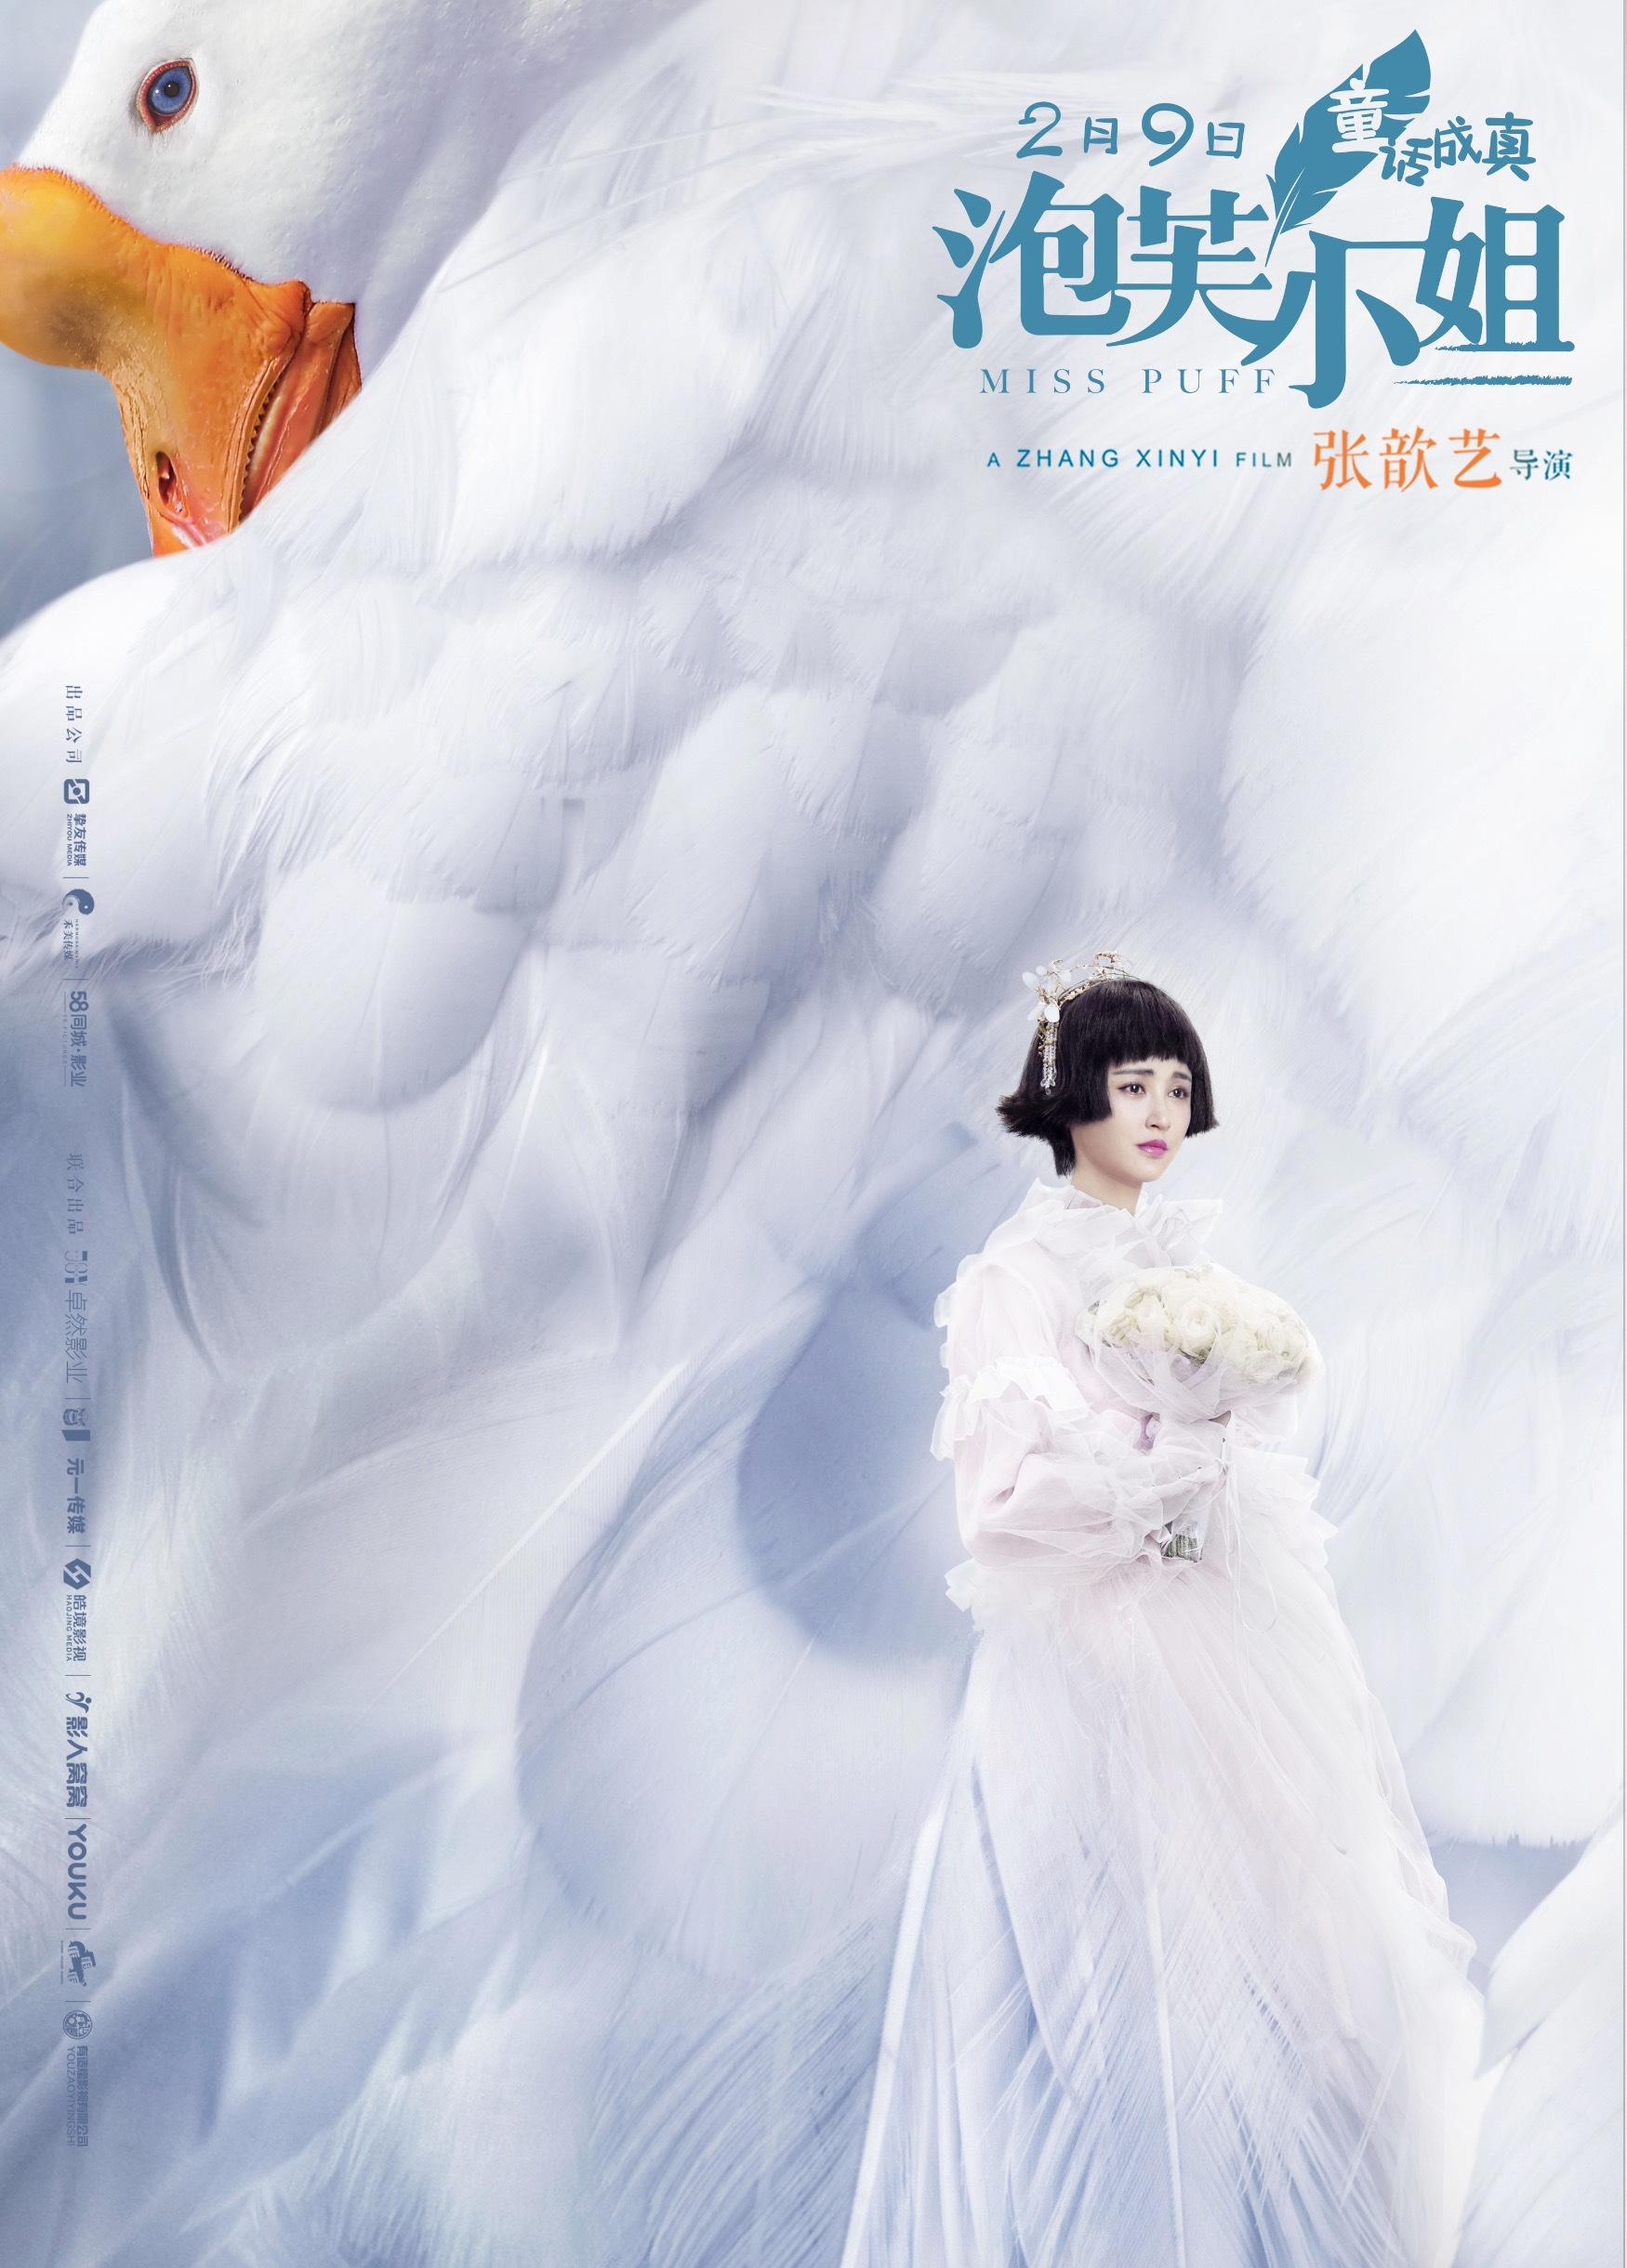 《泡芙小姐》童话成真海报 张歆艺婚纱造型首曝光